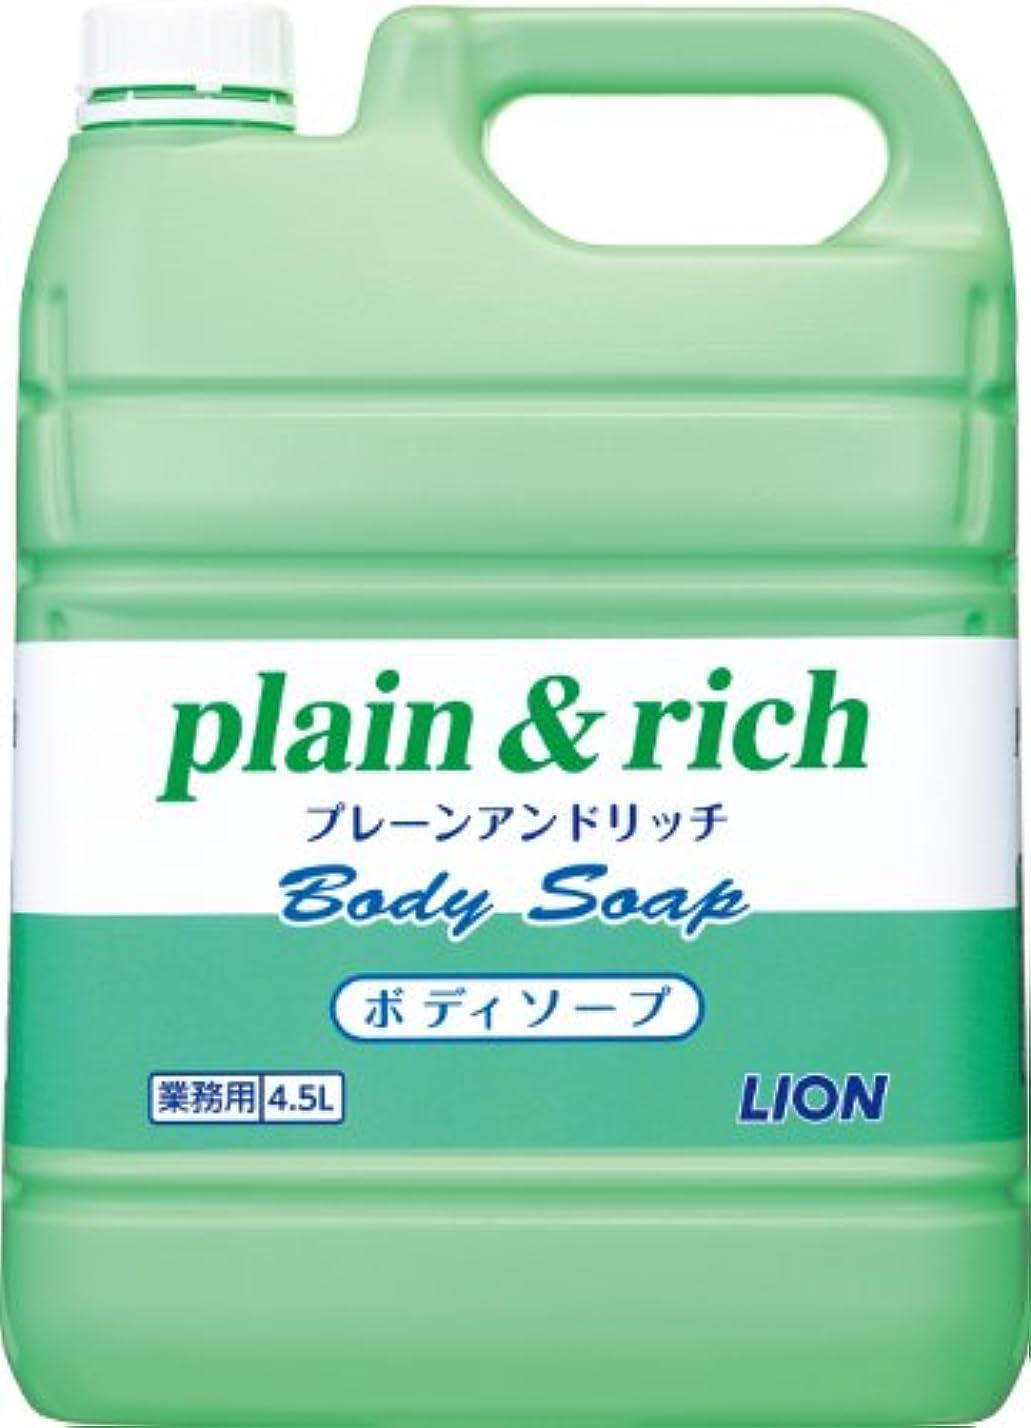 ダイアクリティカル死の顎分散【業務用 大容量】プレーン&リッチ ボディソープ 4.5L